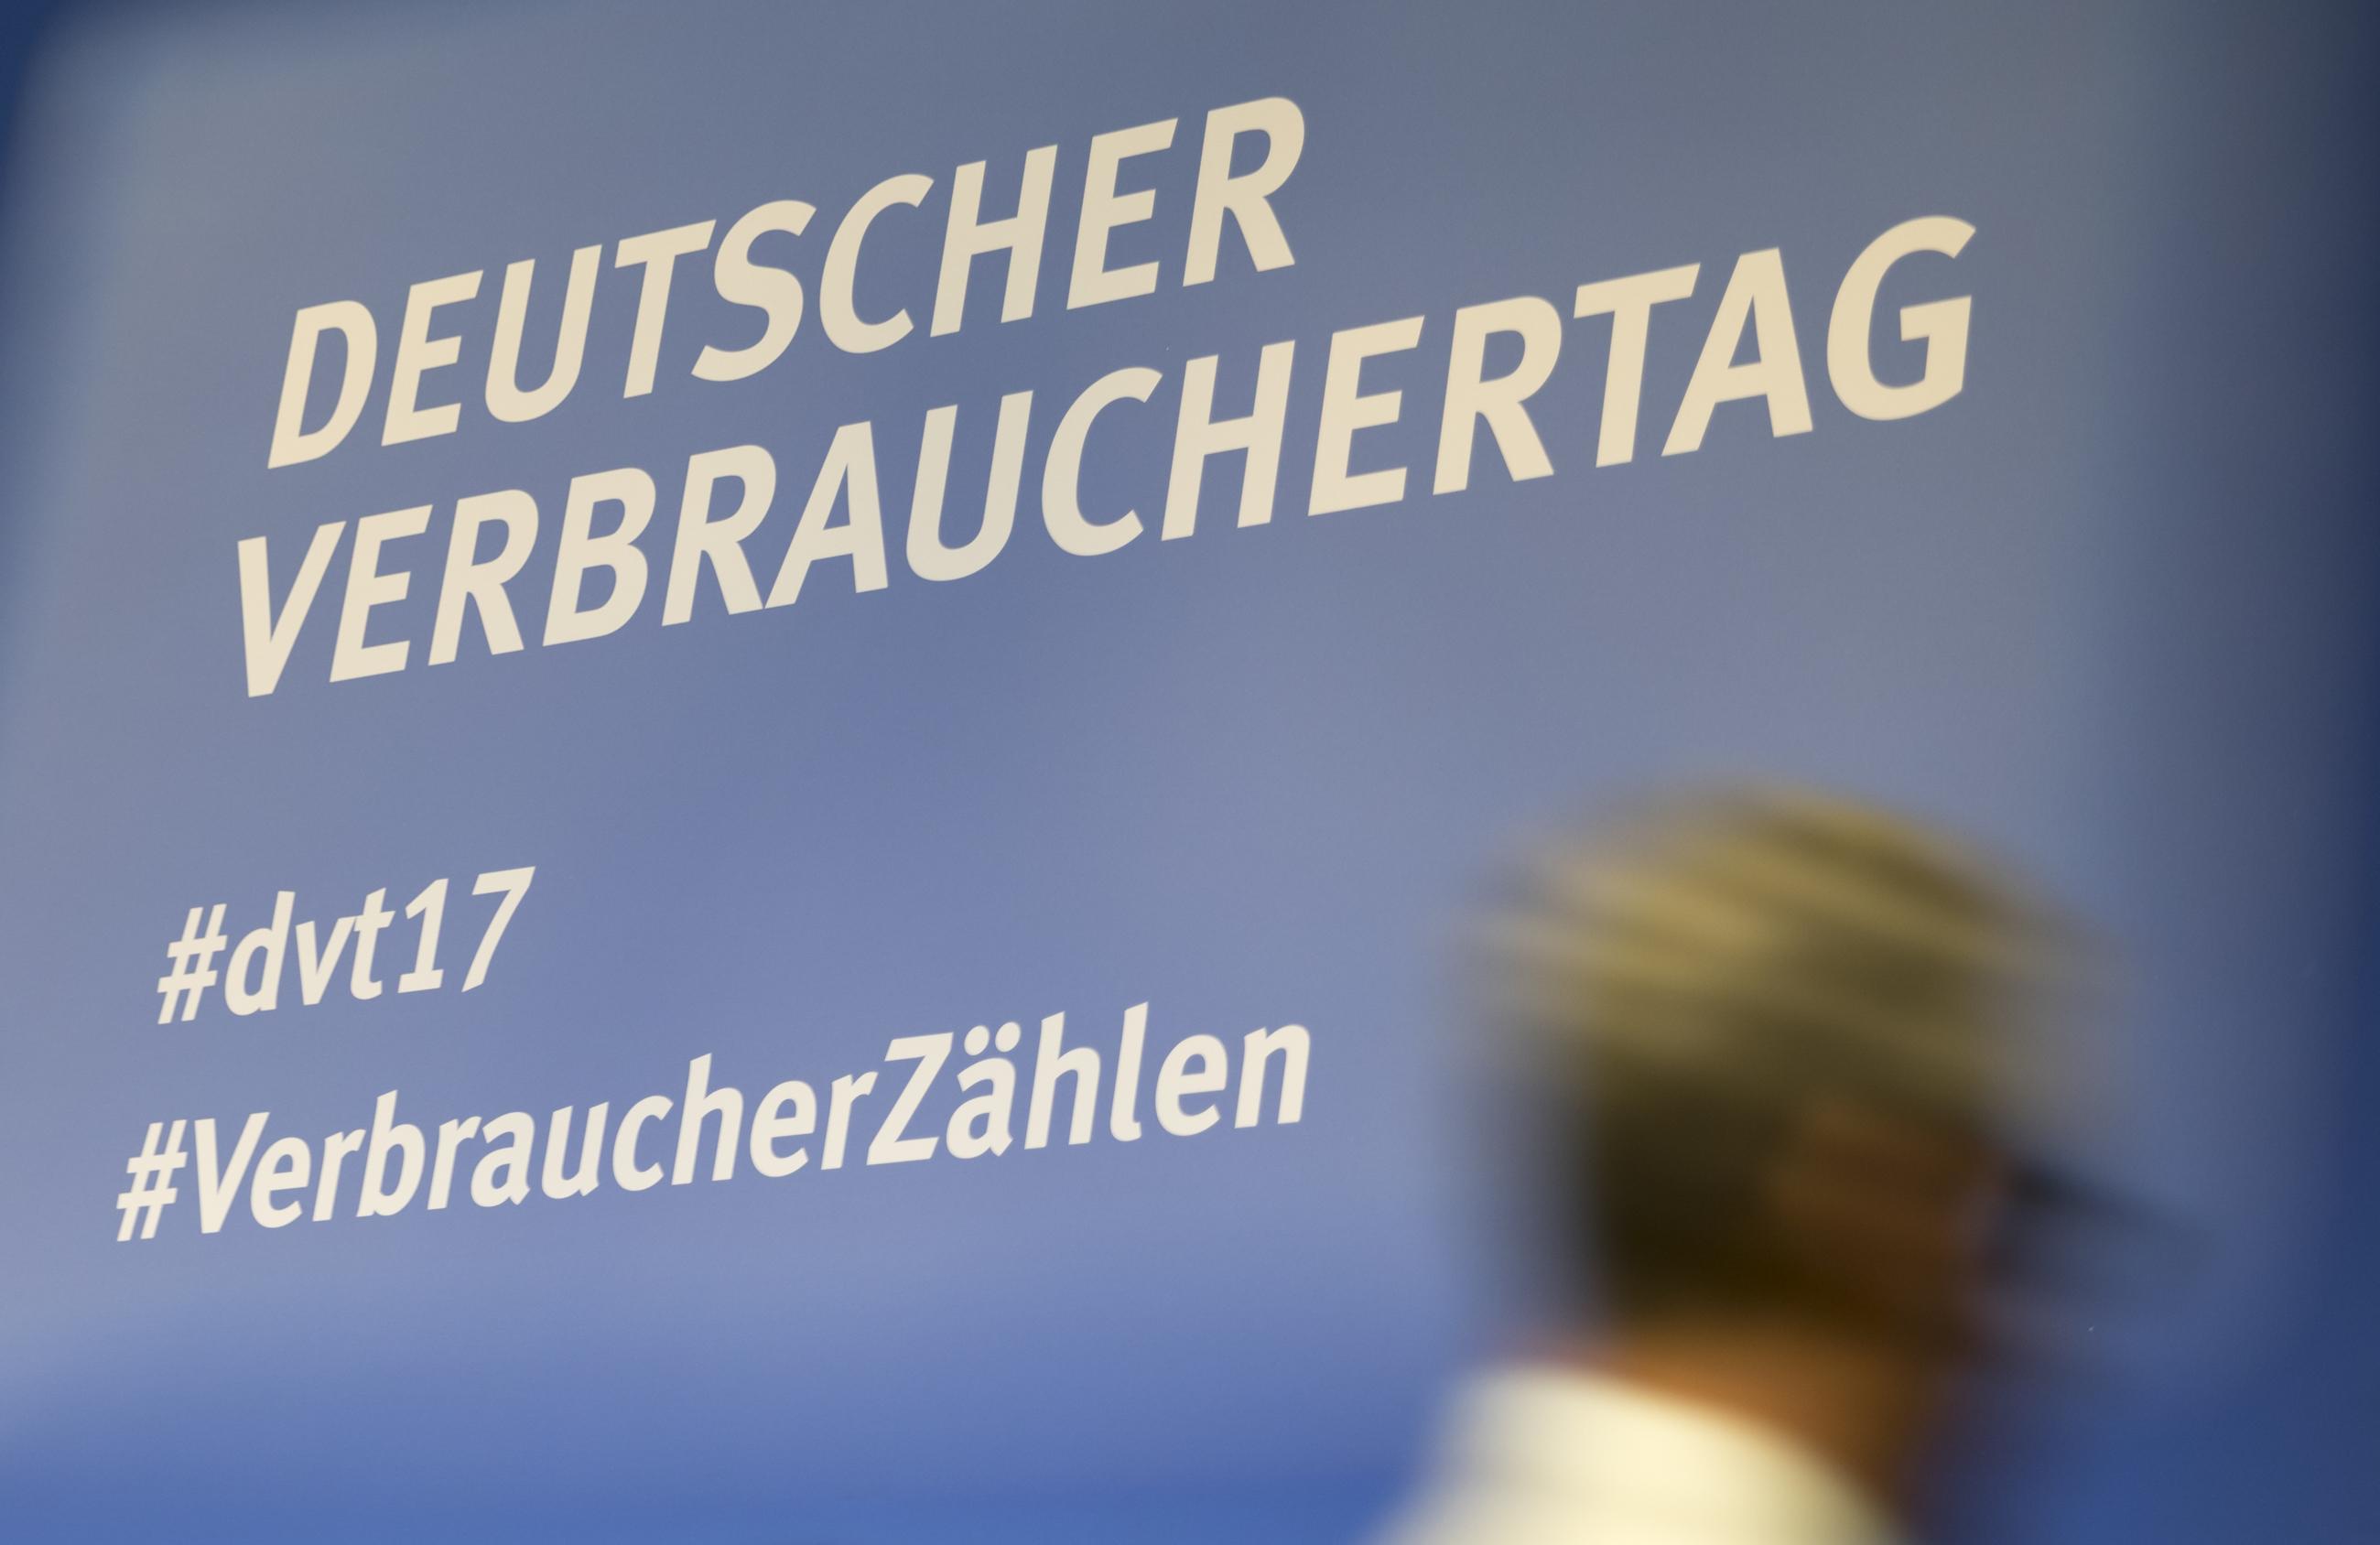 Deutscher Verbrauchertag 2017